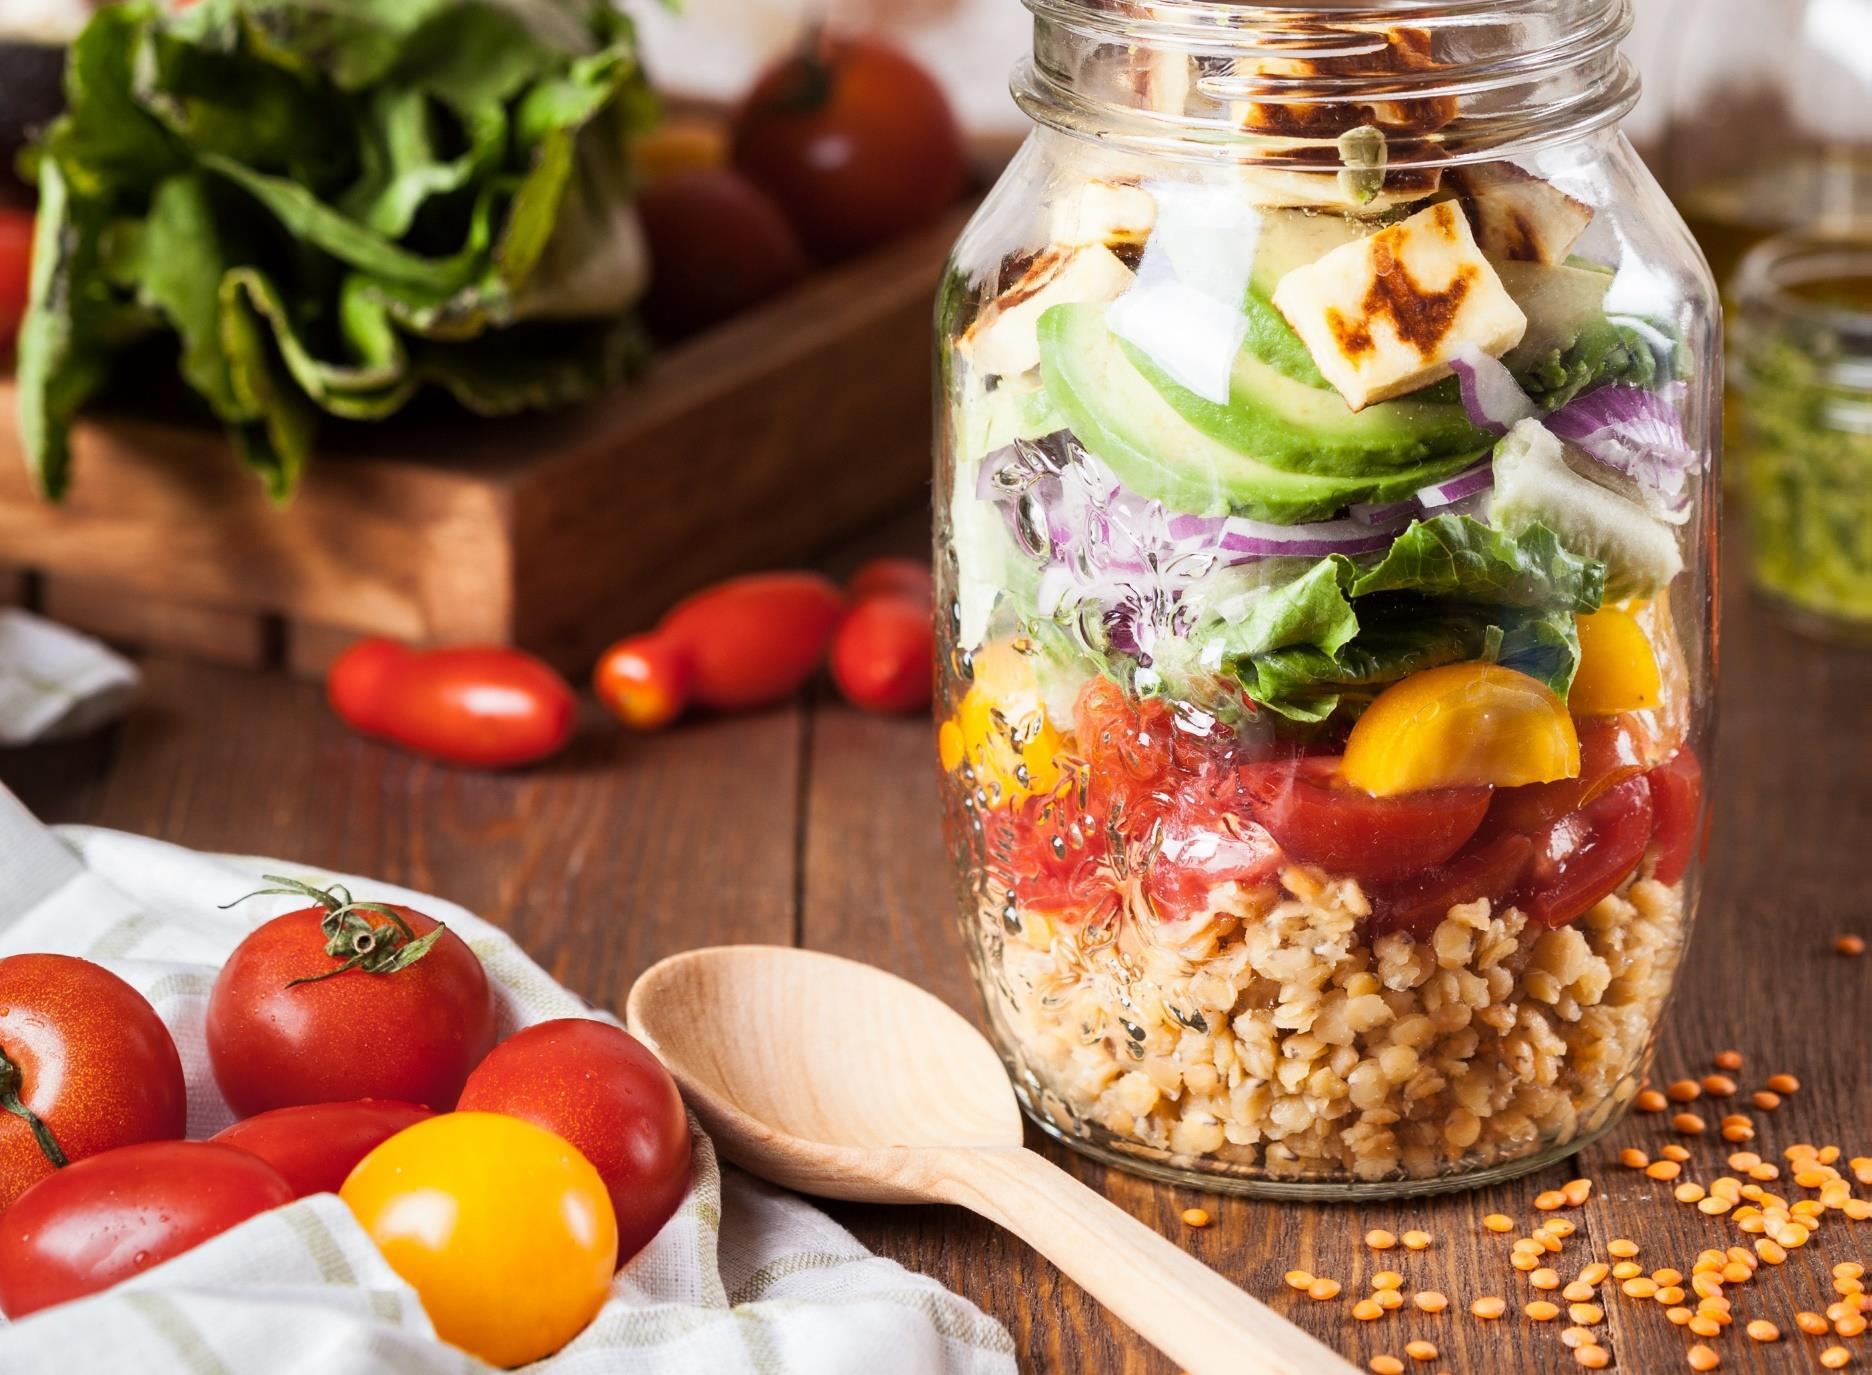 Ruokaa läpinäkyvässä lasipurkissa sekä pöydän päällä.